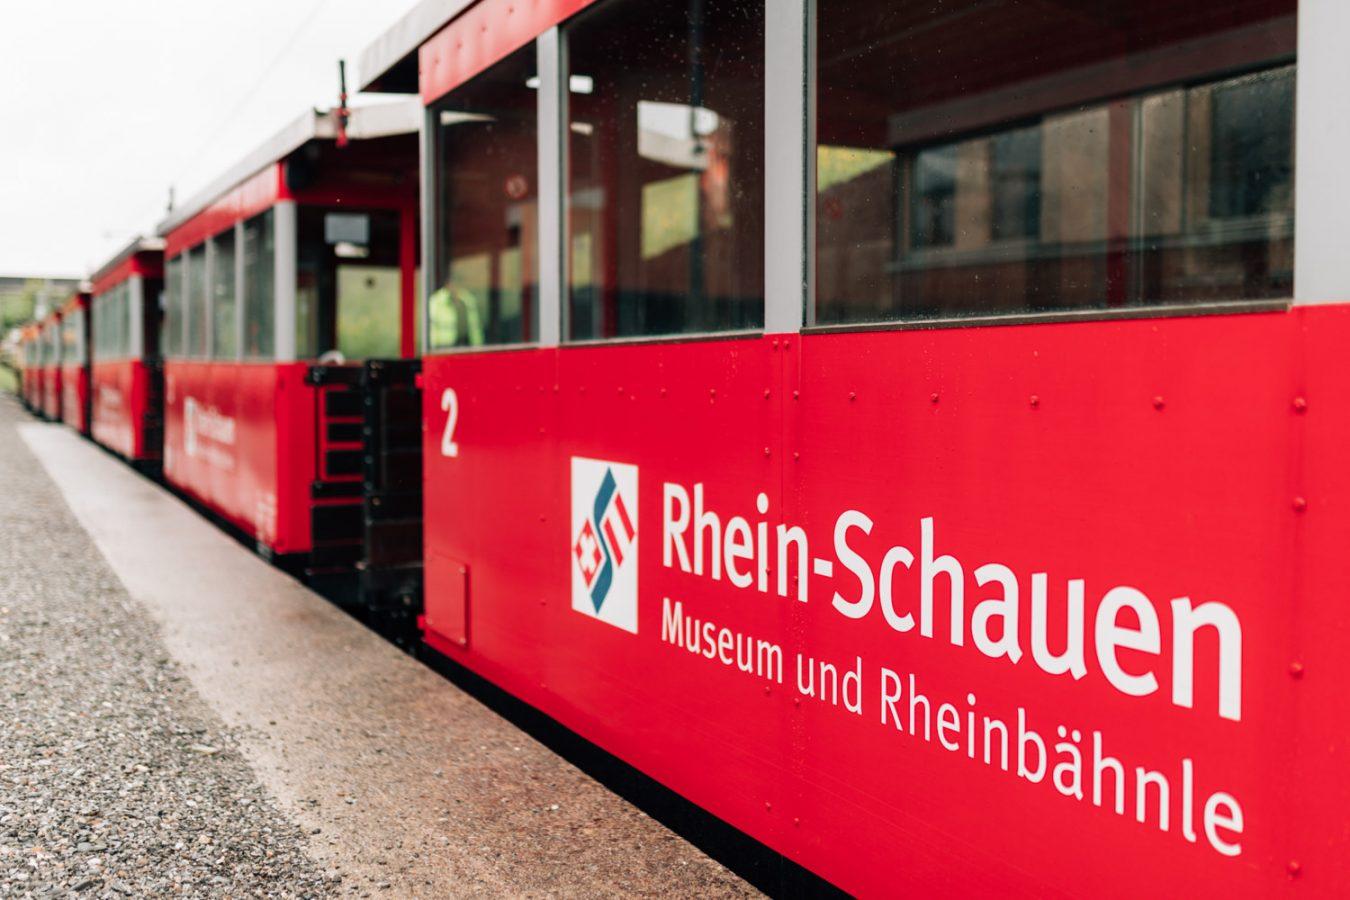 Rheinschauen